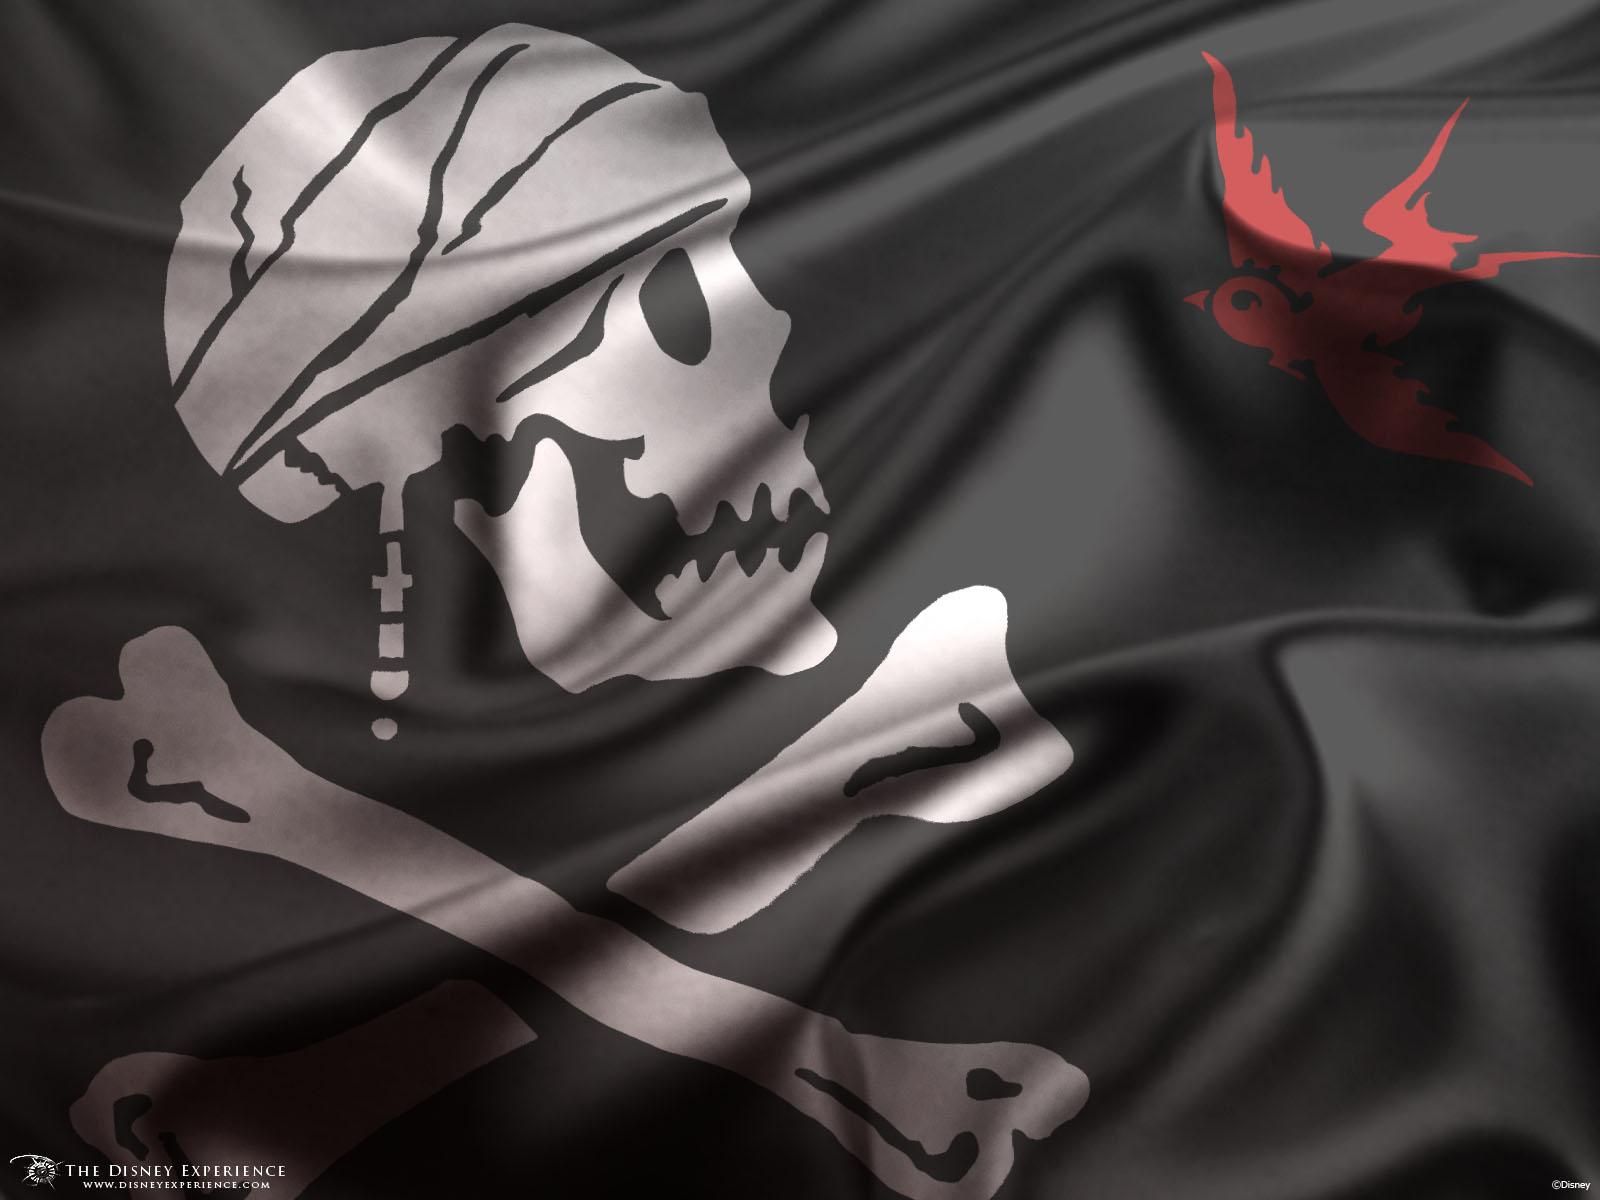 Jack Sparrow's Jolly Roger Flag